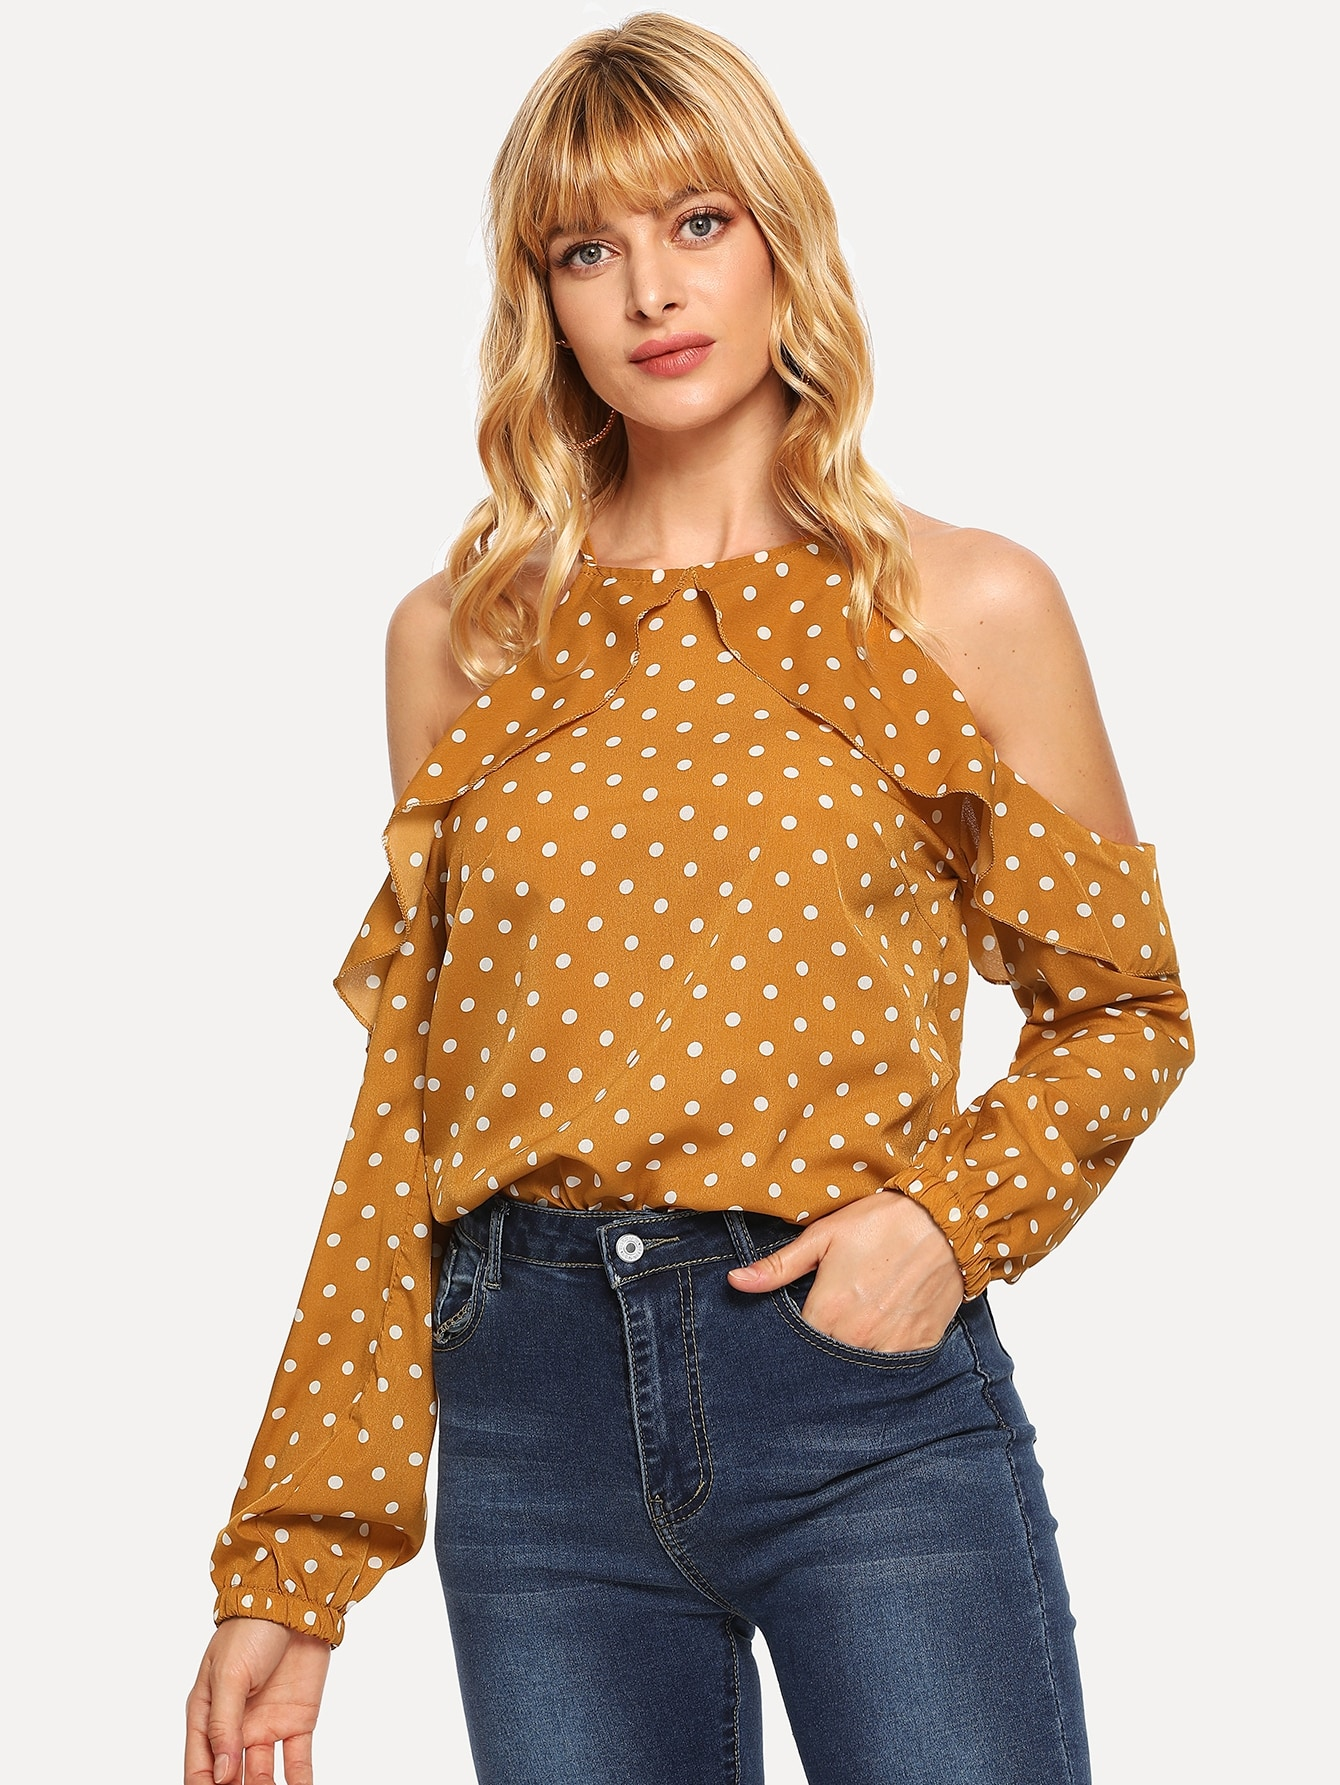 Купить Блуза в горошек с кружевными оборками и открытыми плечами, Masha, SheIn